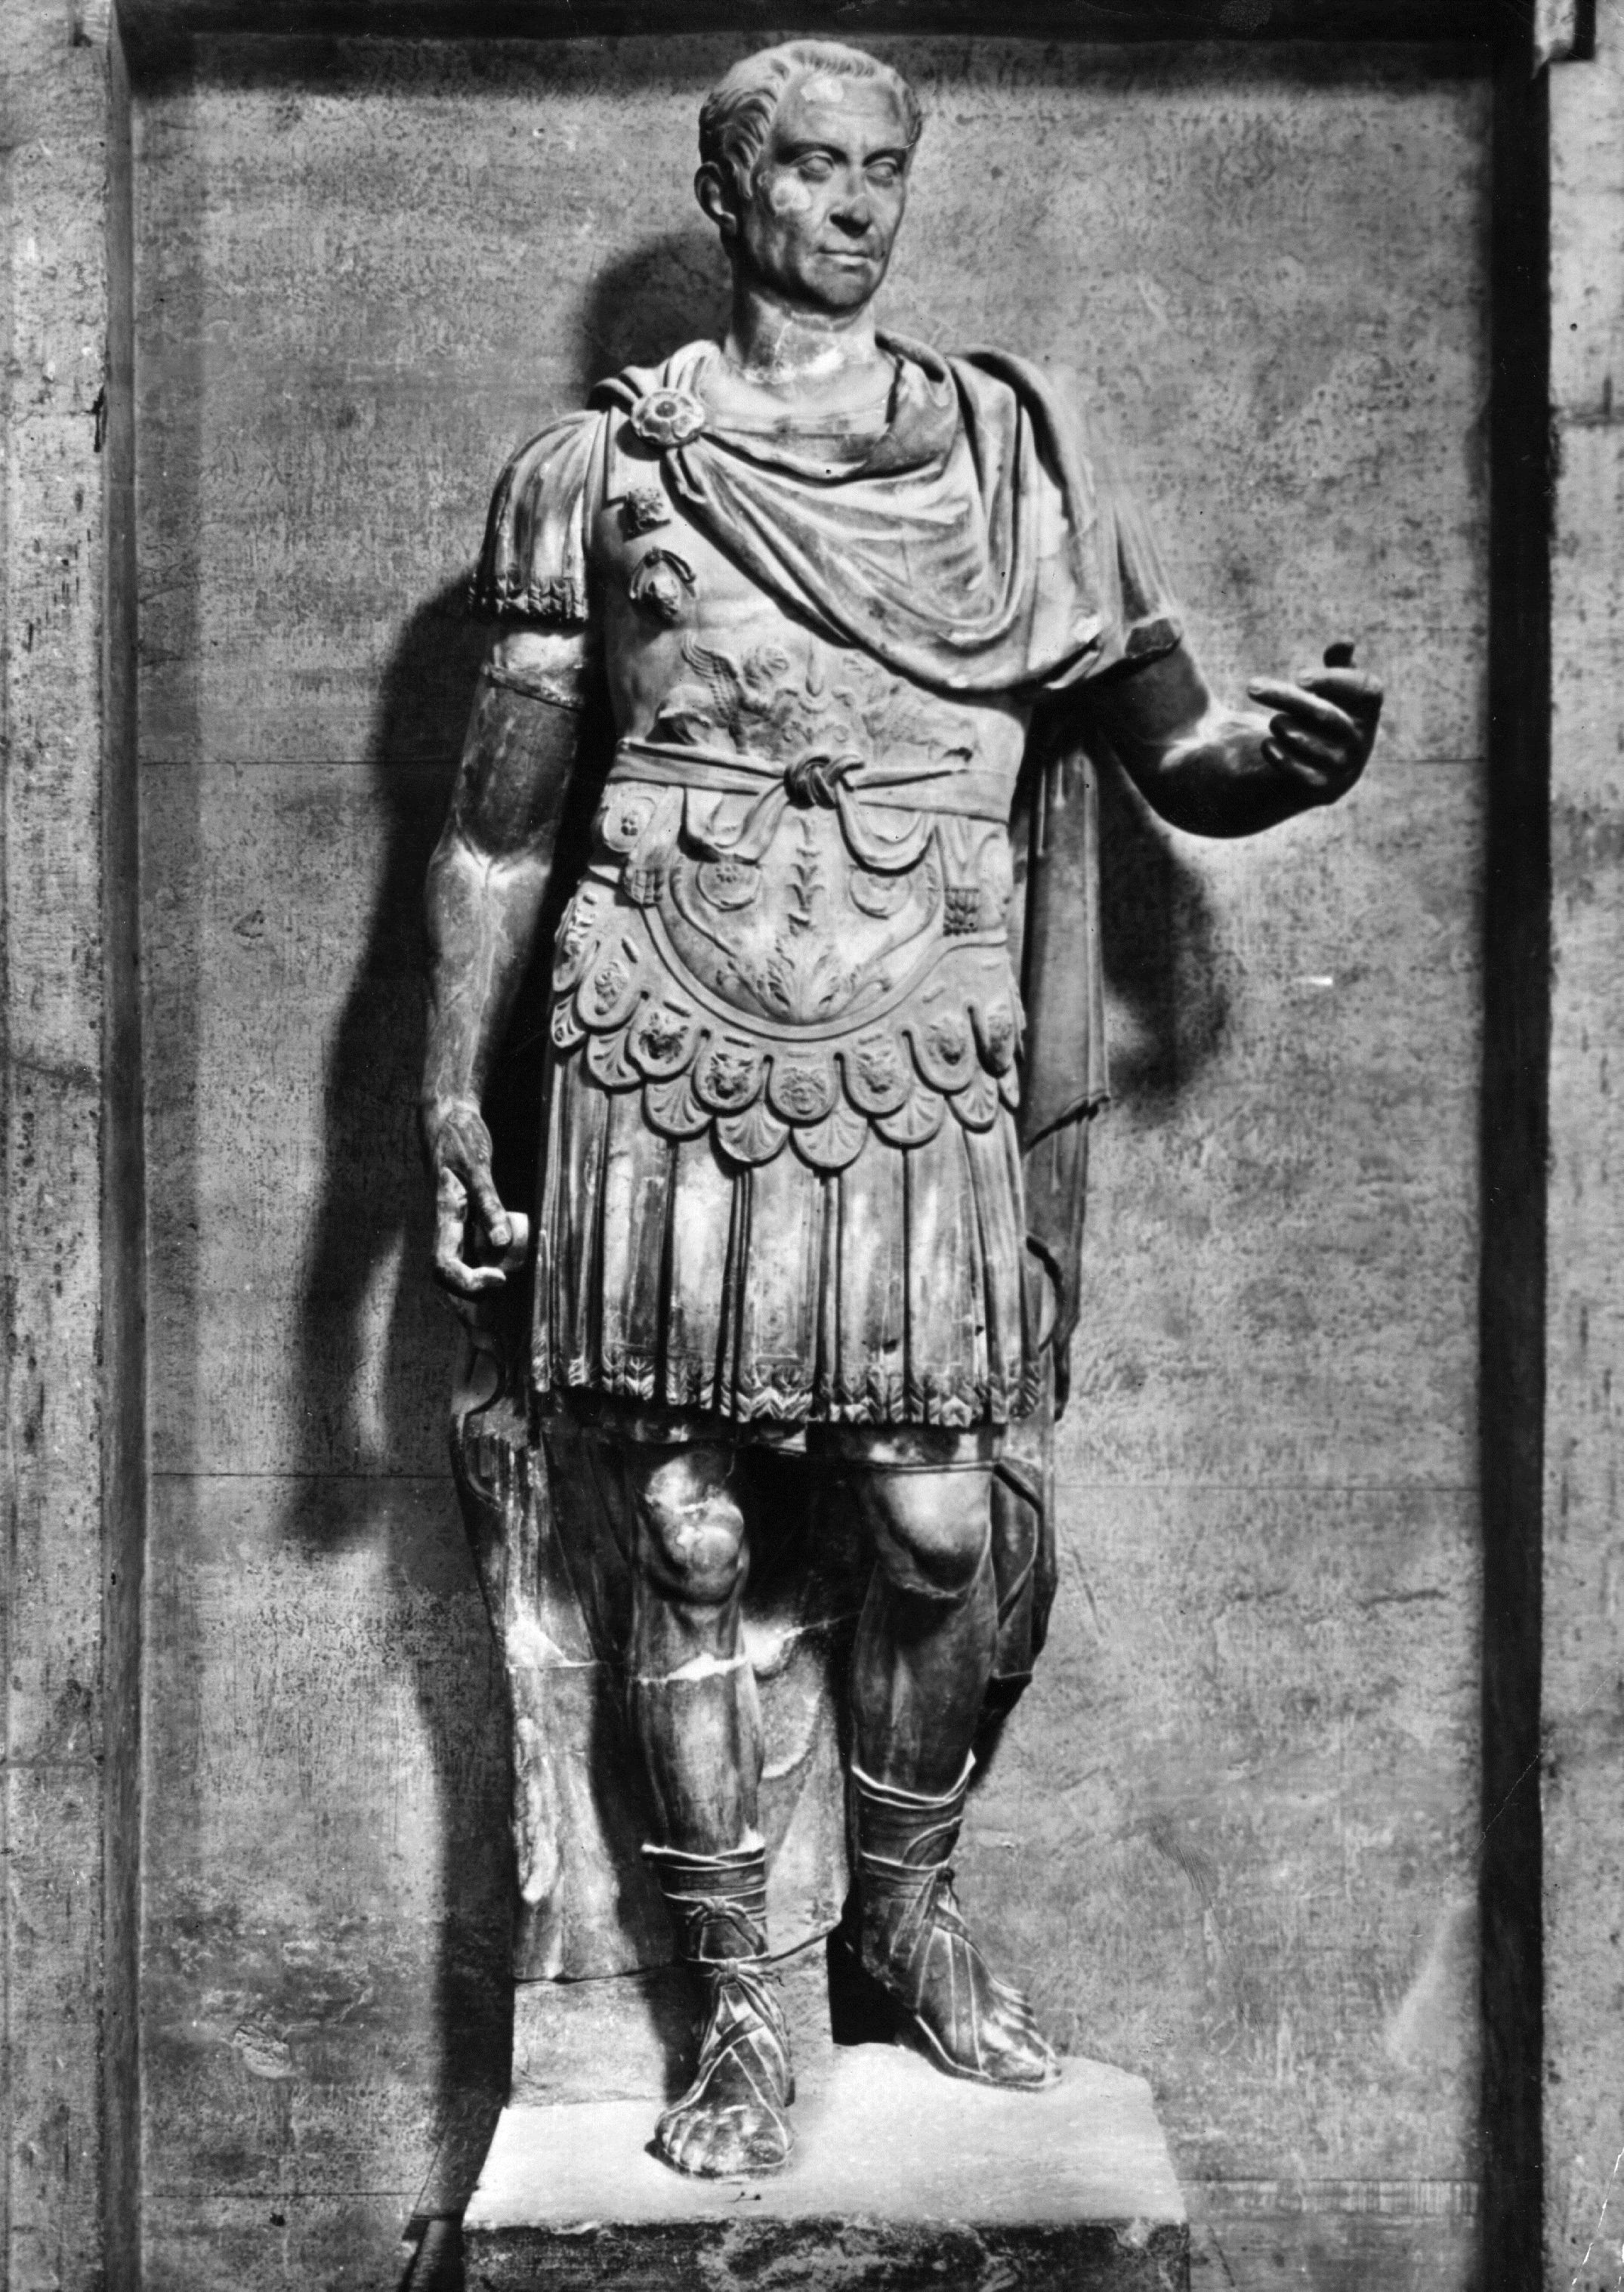 """Юлий Цезар<br /> <br /> Подобно на Кенеди и Юлий Цезар е от онзи вид """"харизматични популисти"""", които изглежда никога не се задържат дълго в политиката. Цезар е бил амбициозен още от ранна възраст. Чрез подкупи, войни и политики той се промъква през римската политическа система, докато не се обявява за """"вечен диктатор"""" на Рим.<br /> <br /> Той в бил по-силен от всеки човек, живял в ранните години на Римската република. Но за много от мъжете в Сената това е бил дълбоко обезпокоителен знак. Заражда се заговор за убийството на Цезар и дори Брут, един от най-доверените хора на Юлий Цезар, се присъединява към заговора."""